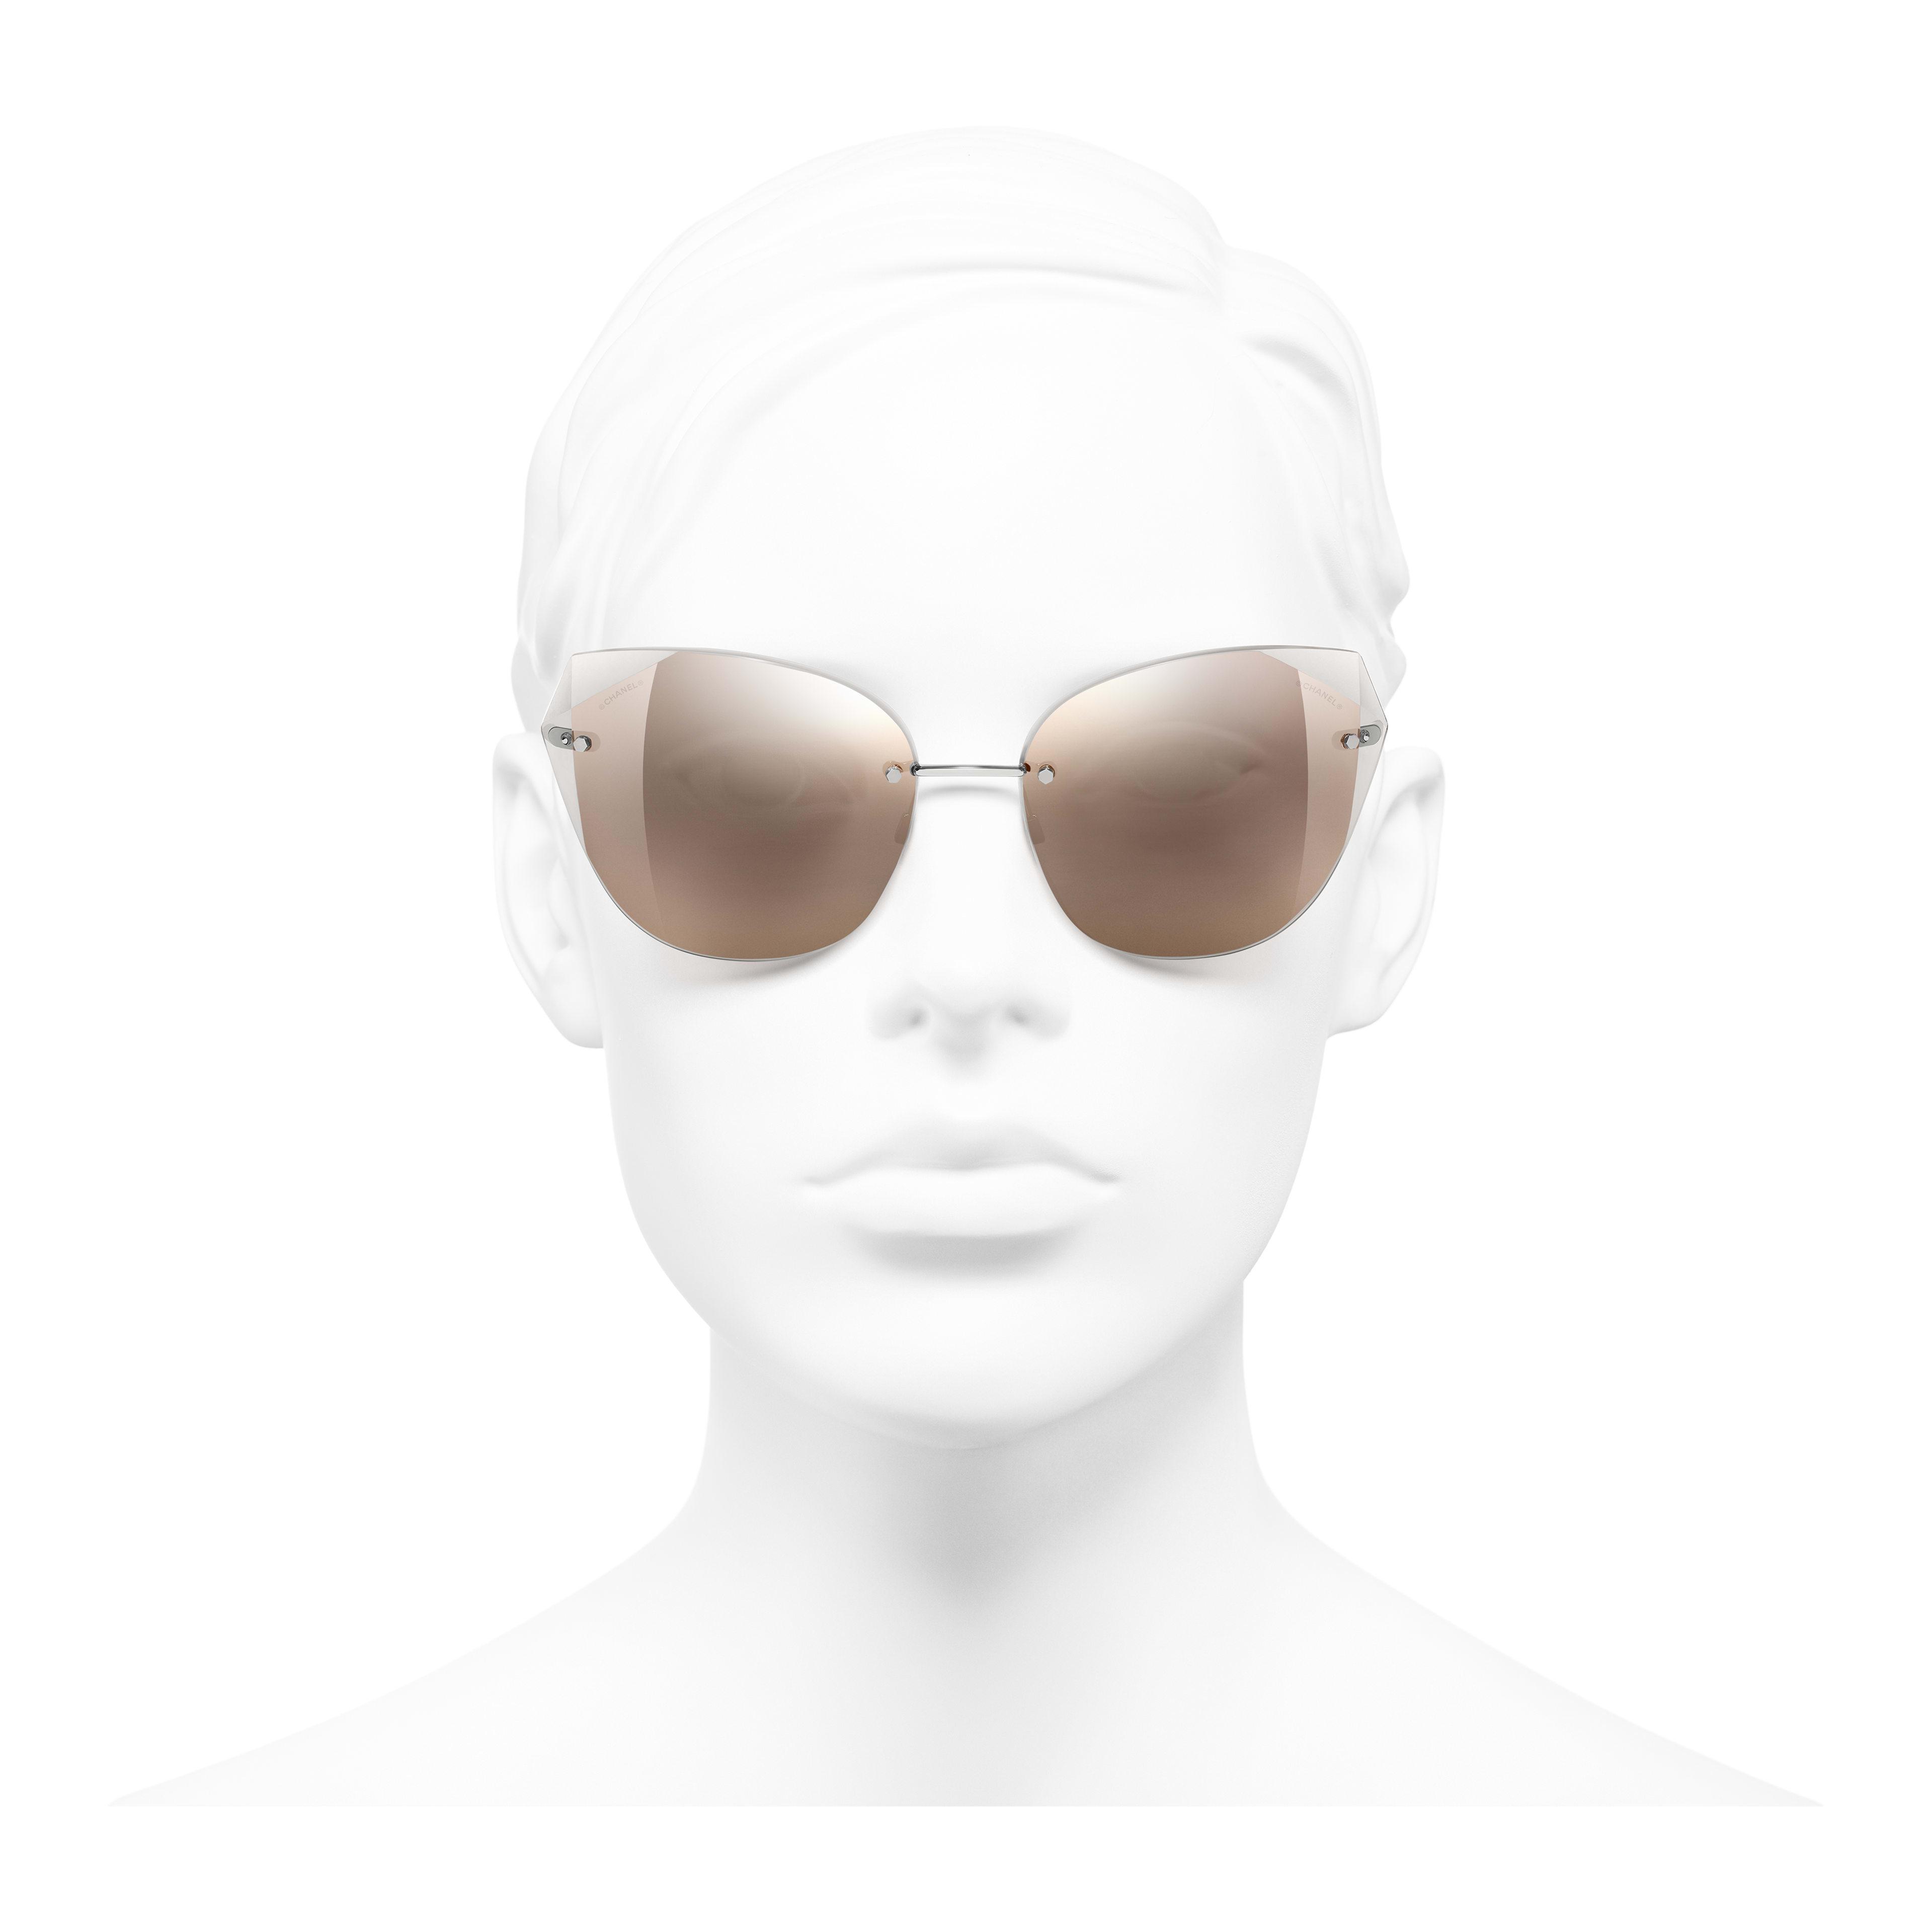 แว่นตากันแดดทรงแคทอายส์ - สีเงิน - โลหะ - มุมมองการสวมใส่ด้านหน้า - ดูเวอร์ชันขนาดเต็ม